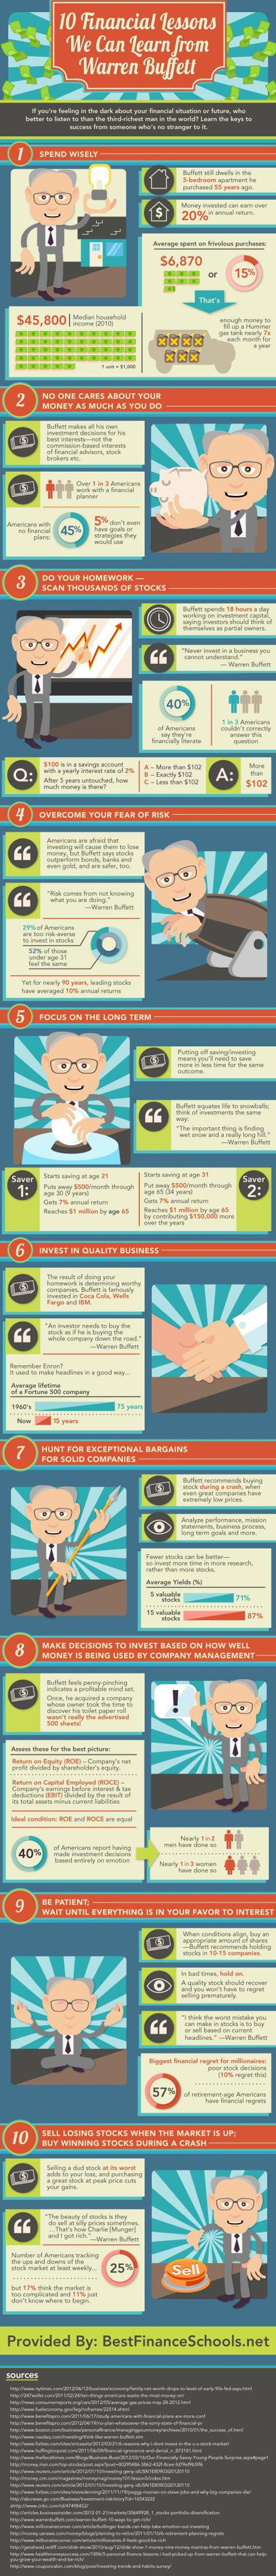 10 financial tips we can learn from Warren Buffett